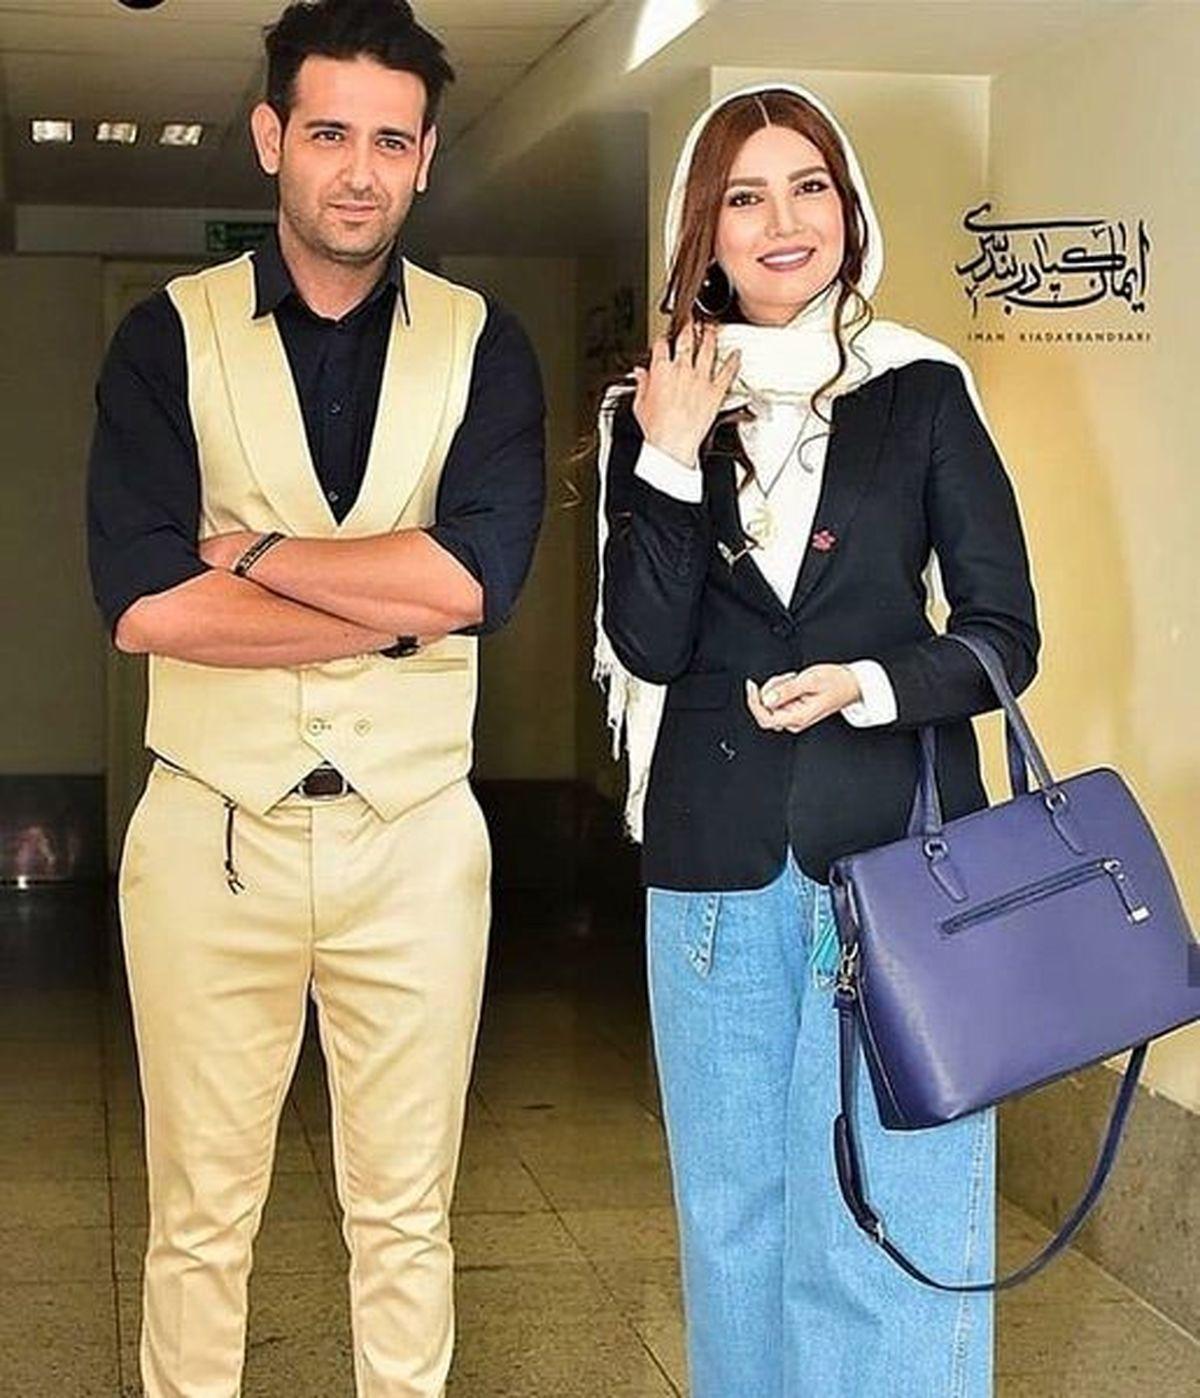 امیرحسین آرمان در ماشین لاکچری + عکس